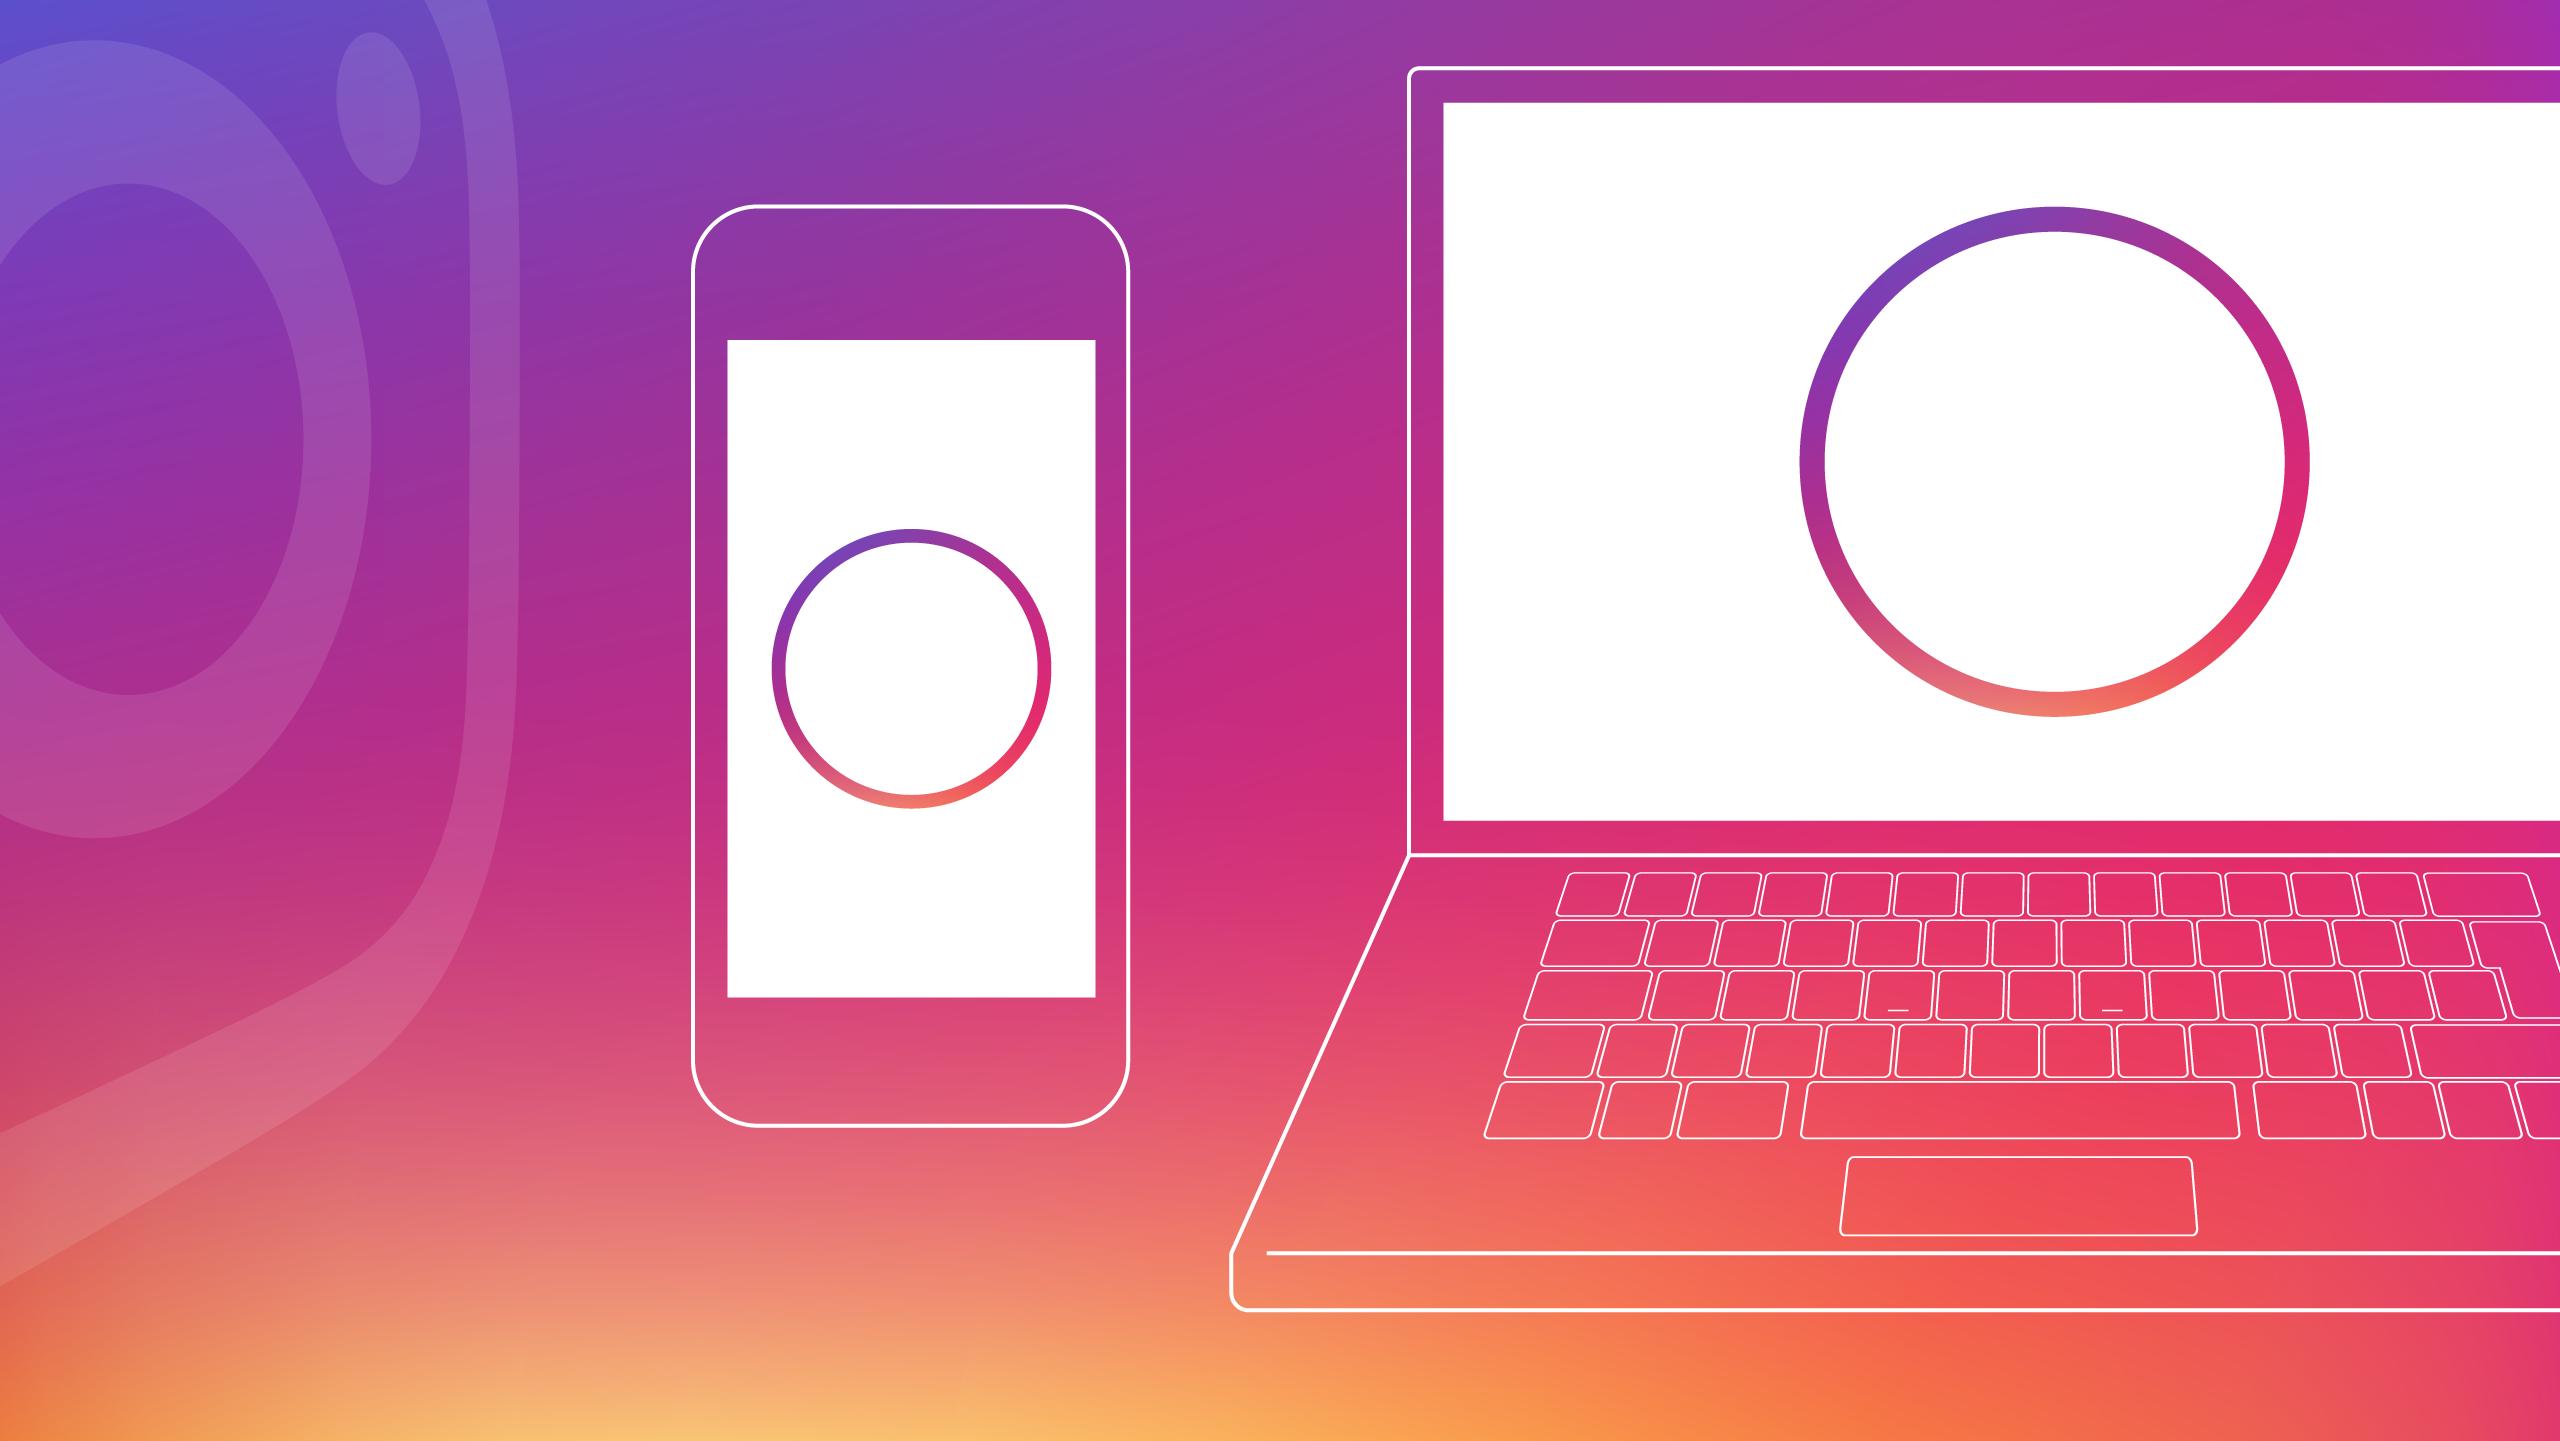 Юзеры социальная сеть Instagram смогут посылать «истории» в фейсбук